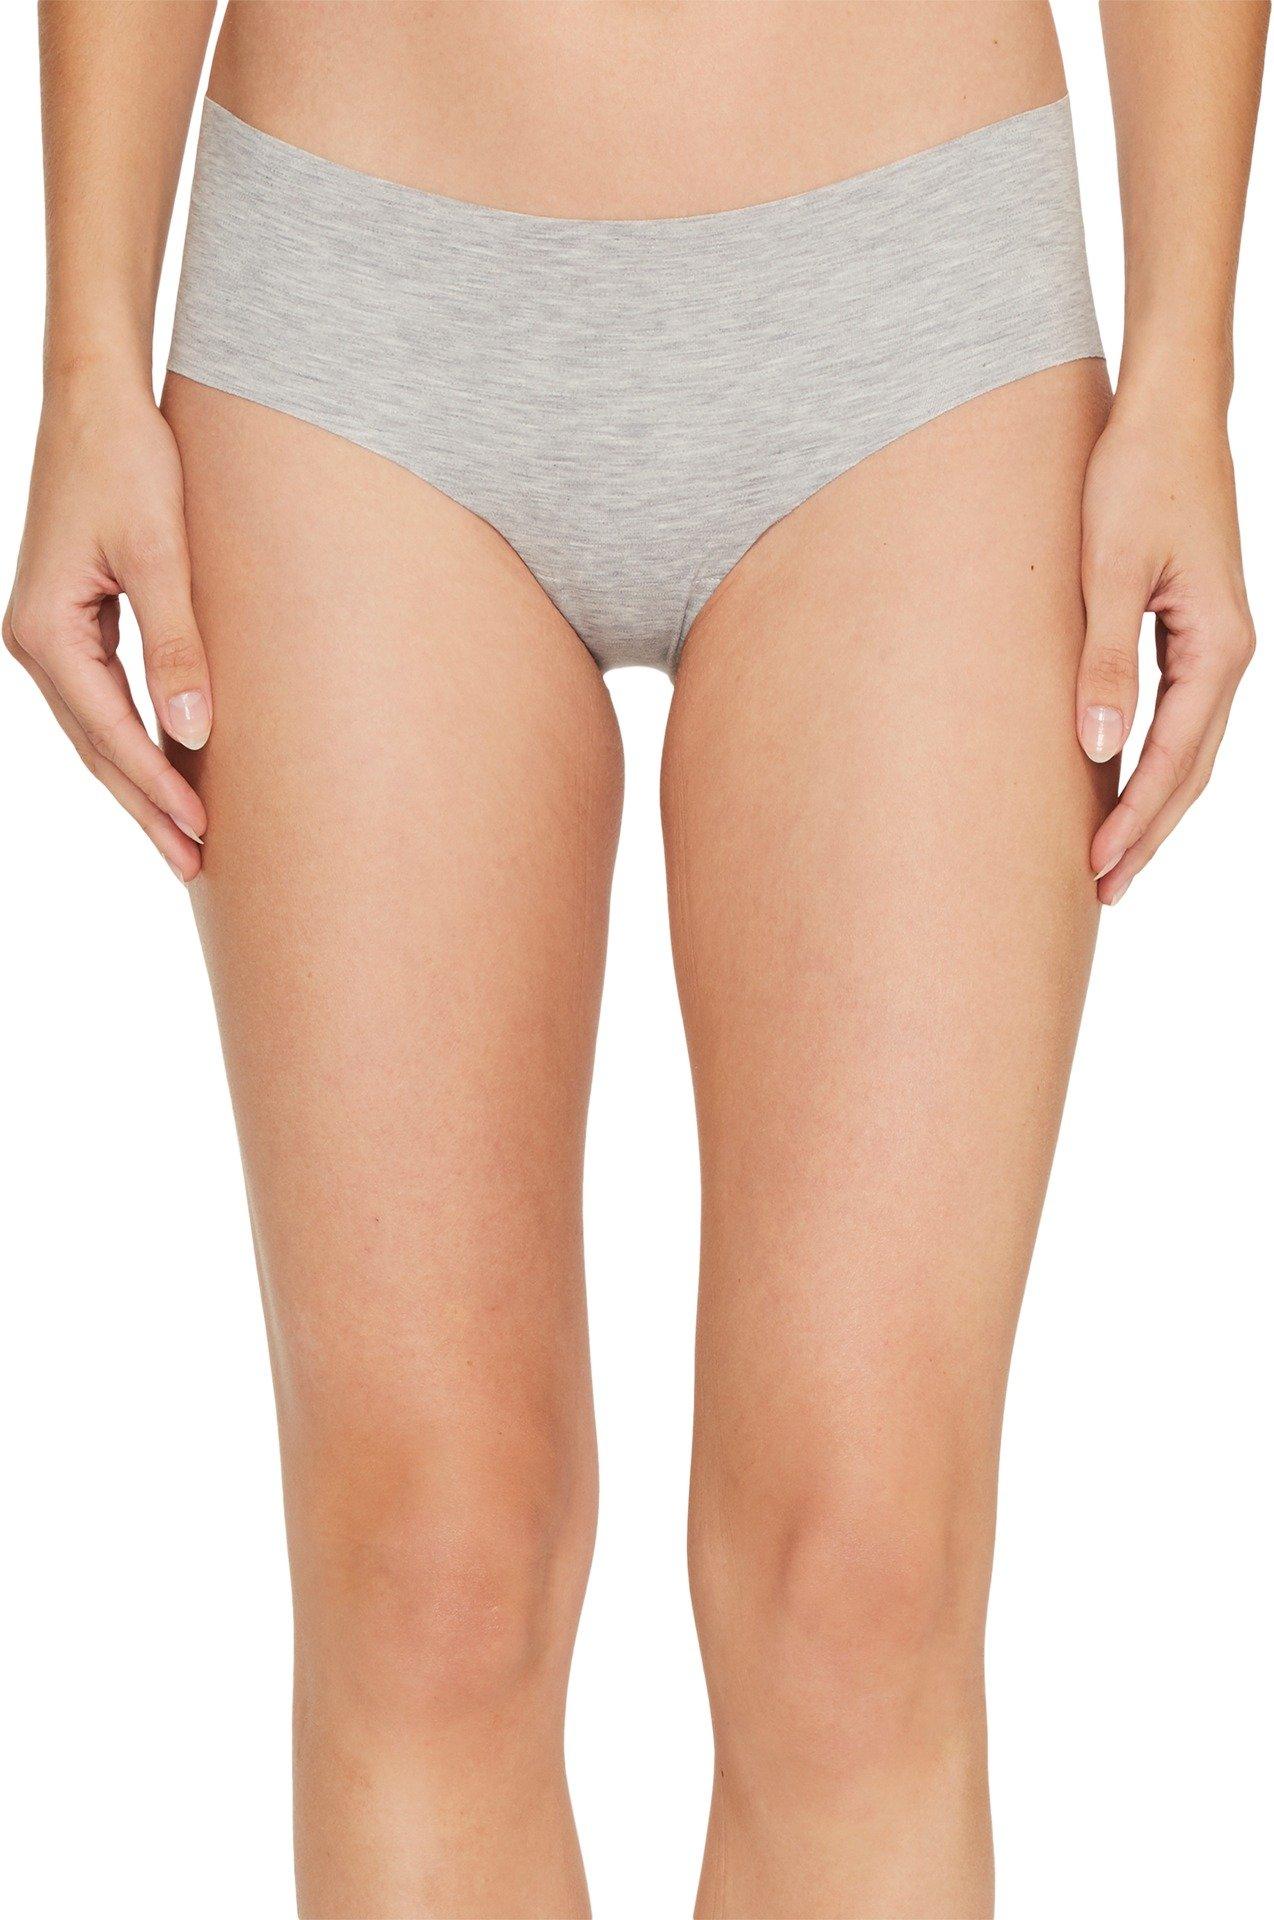 commando Cotton Bikini, Gray, L/XL